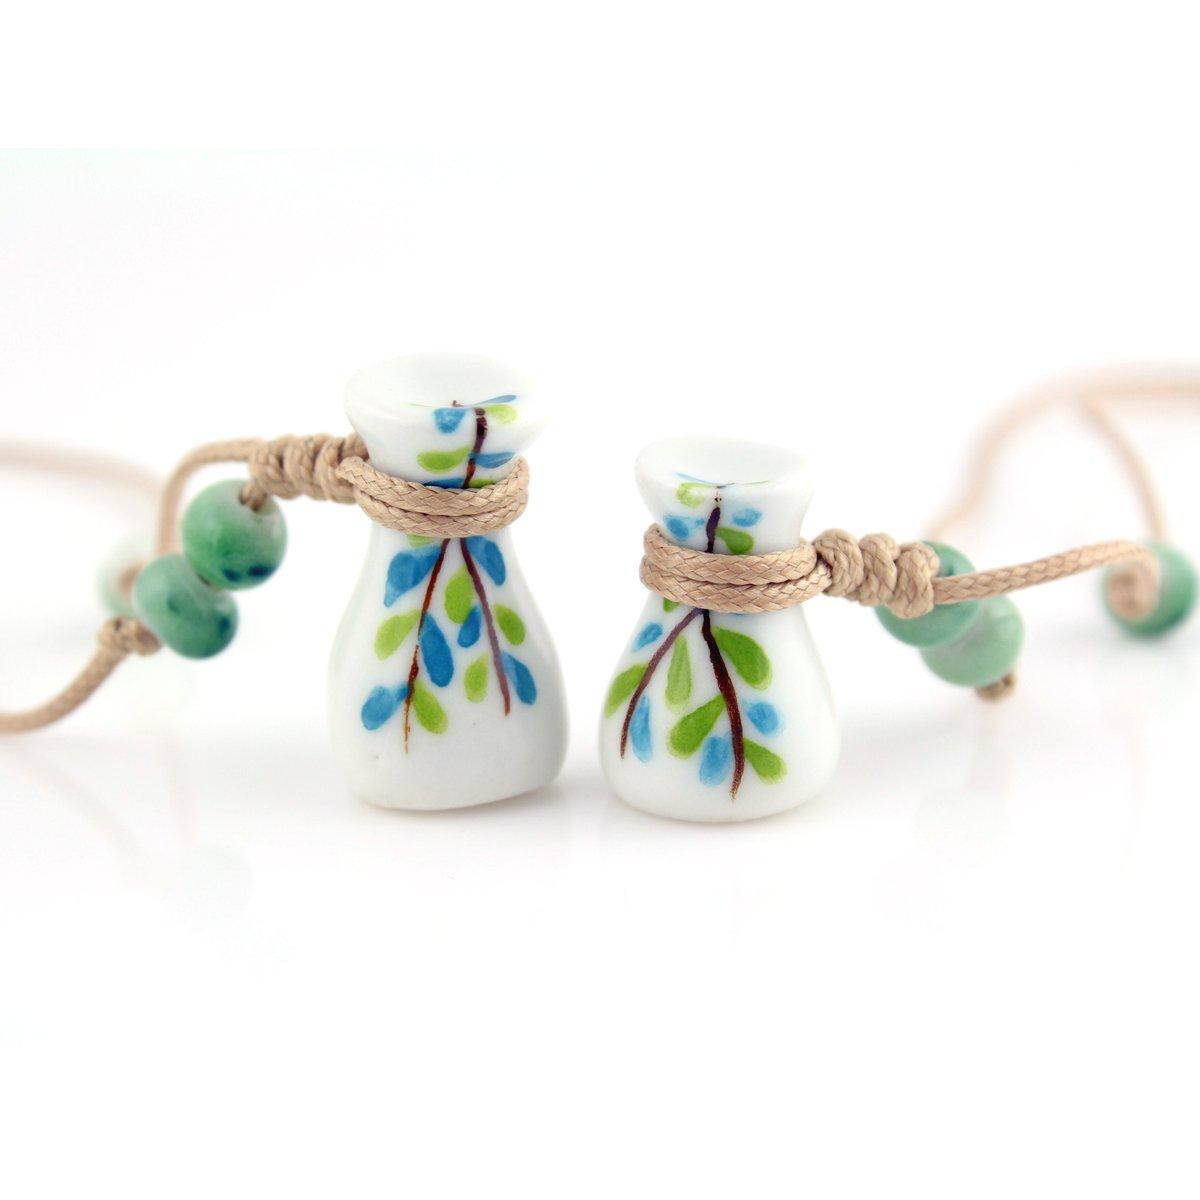 手上功夫 手工制作 瓶瓶安安 手绘陶瓷小瓶子 情侣瓶